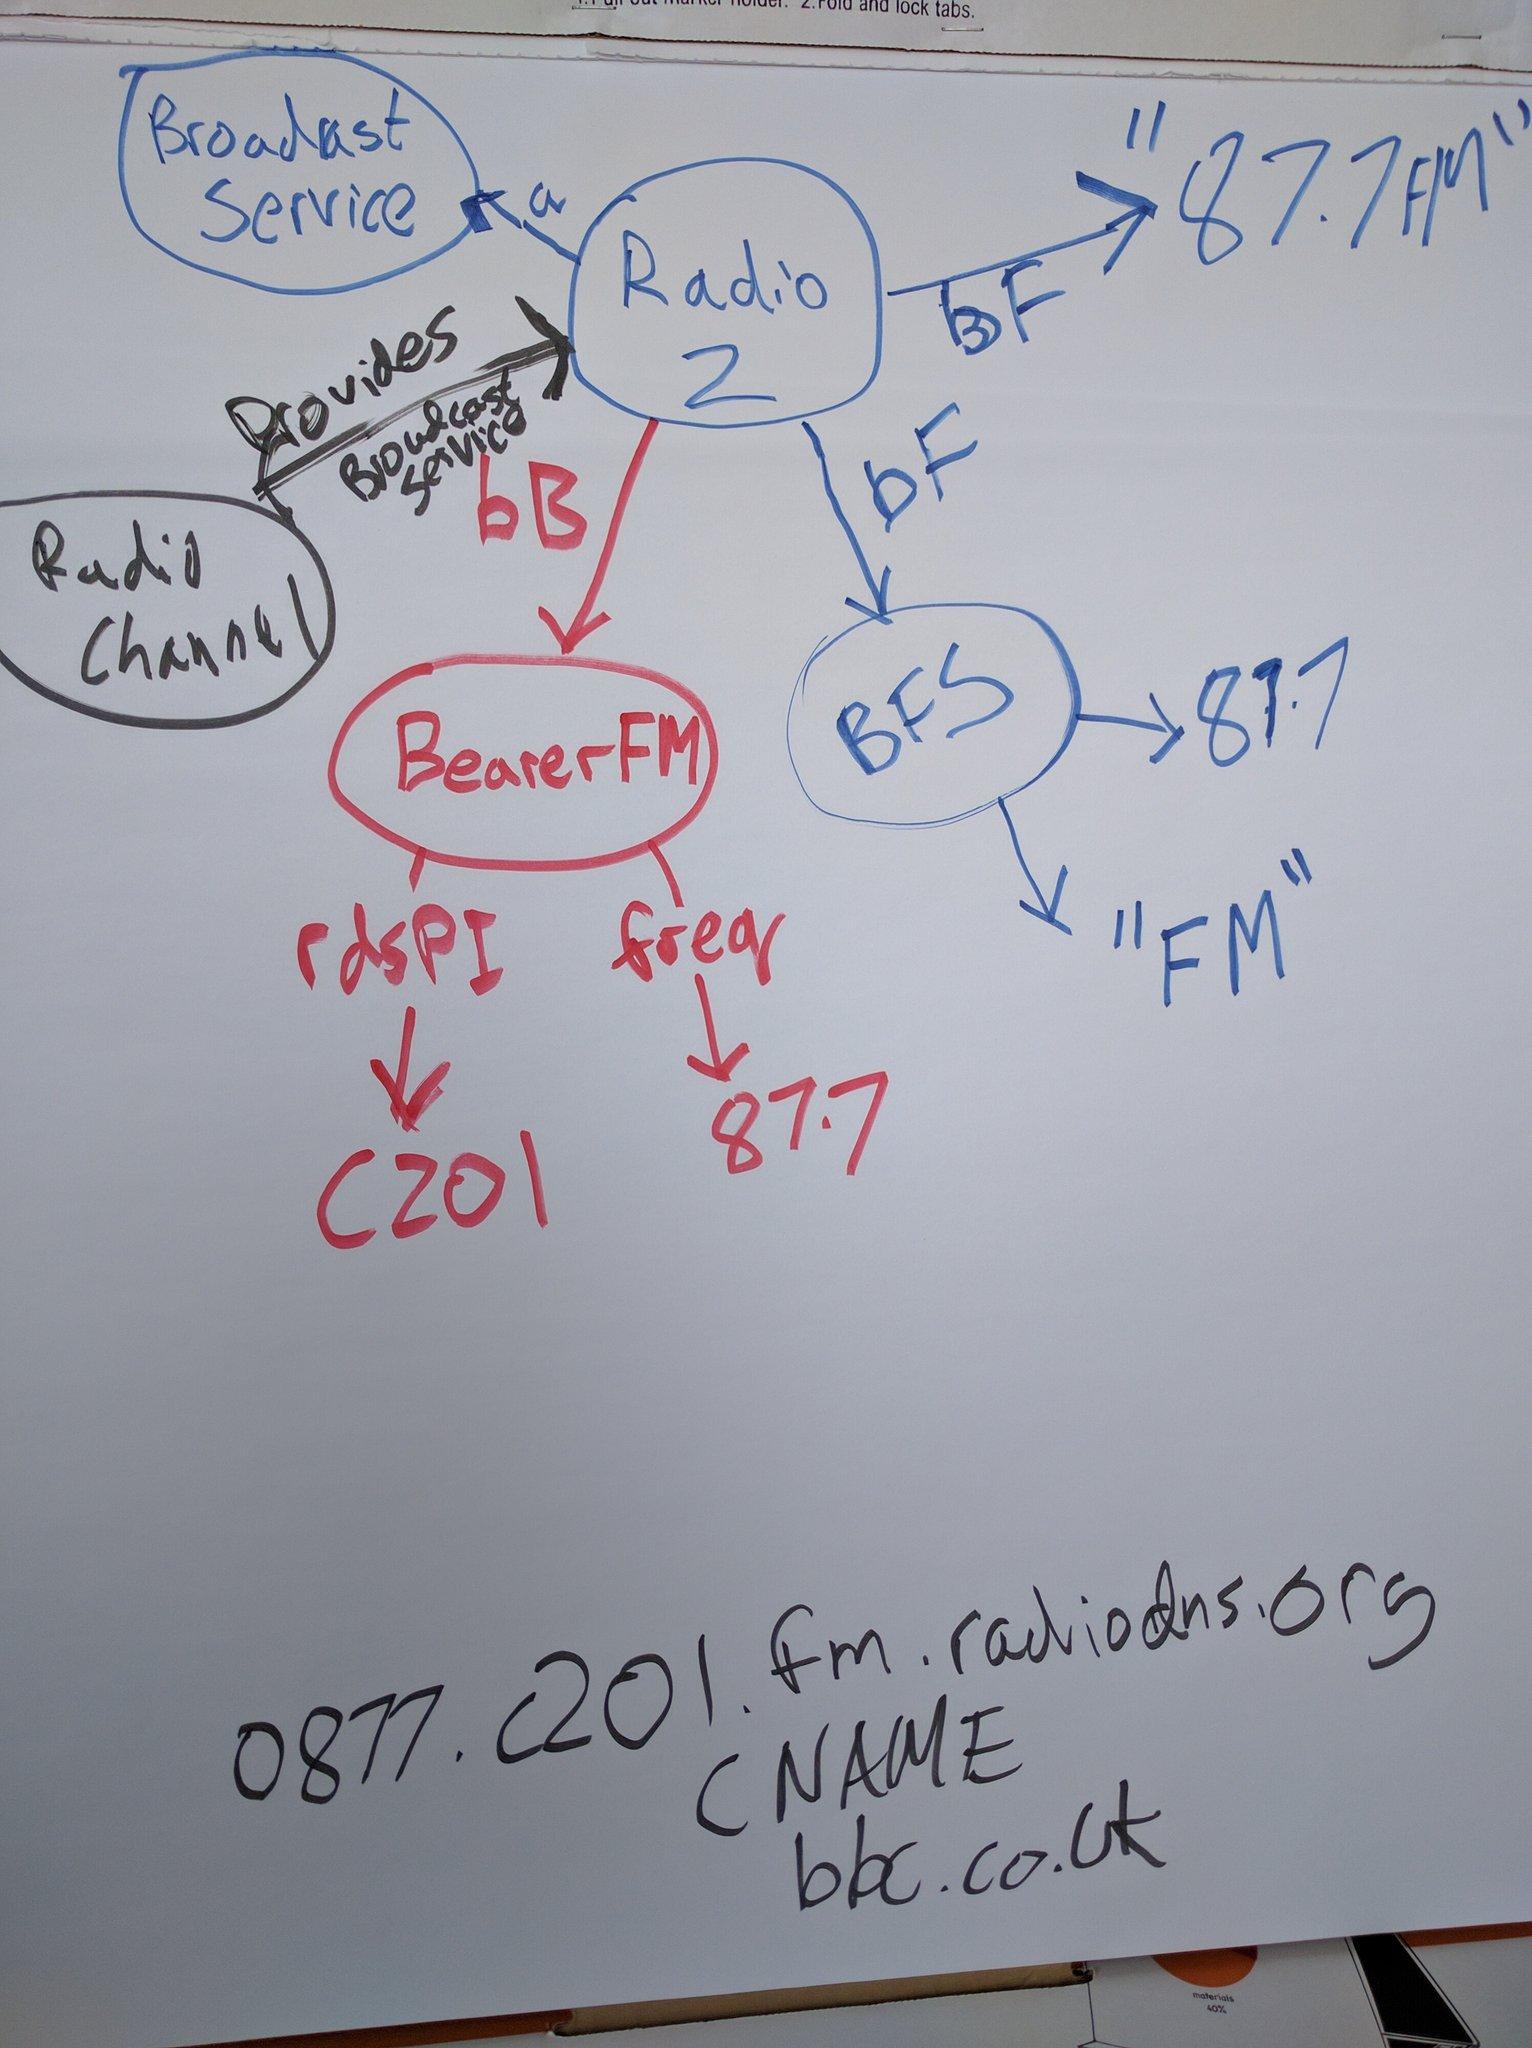 node arc diagram described below